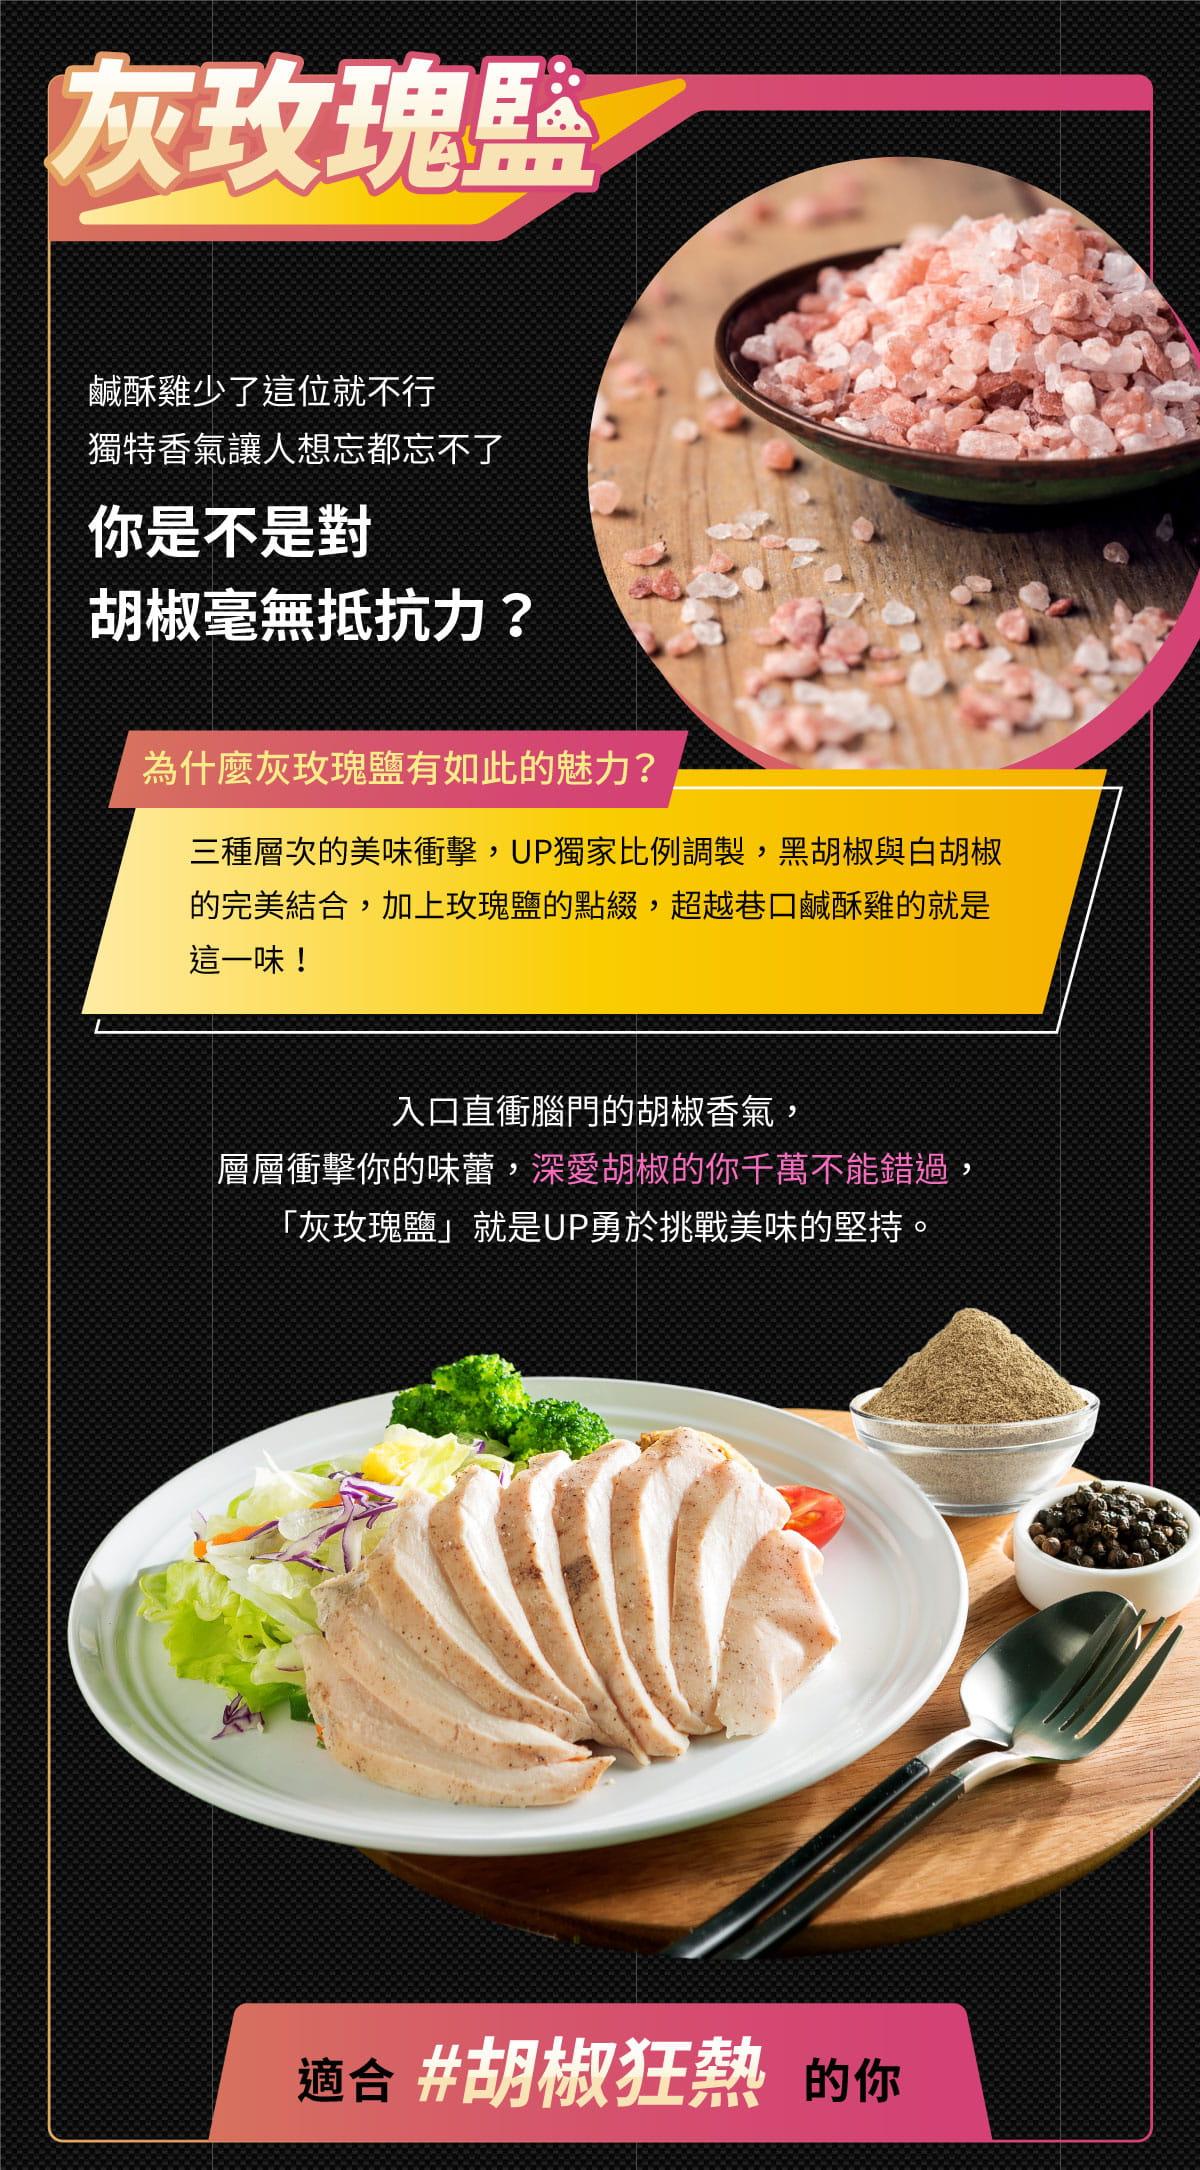 UP運動吃沙拉舒肥雞胸肉即食包 3